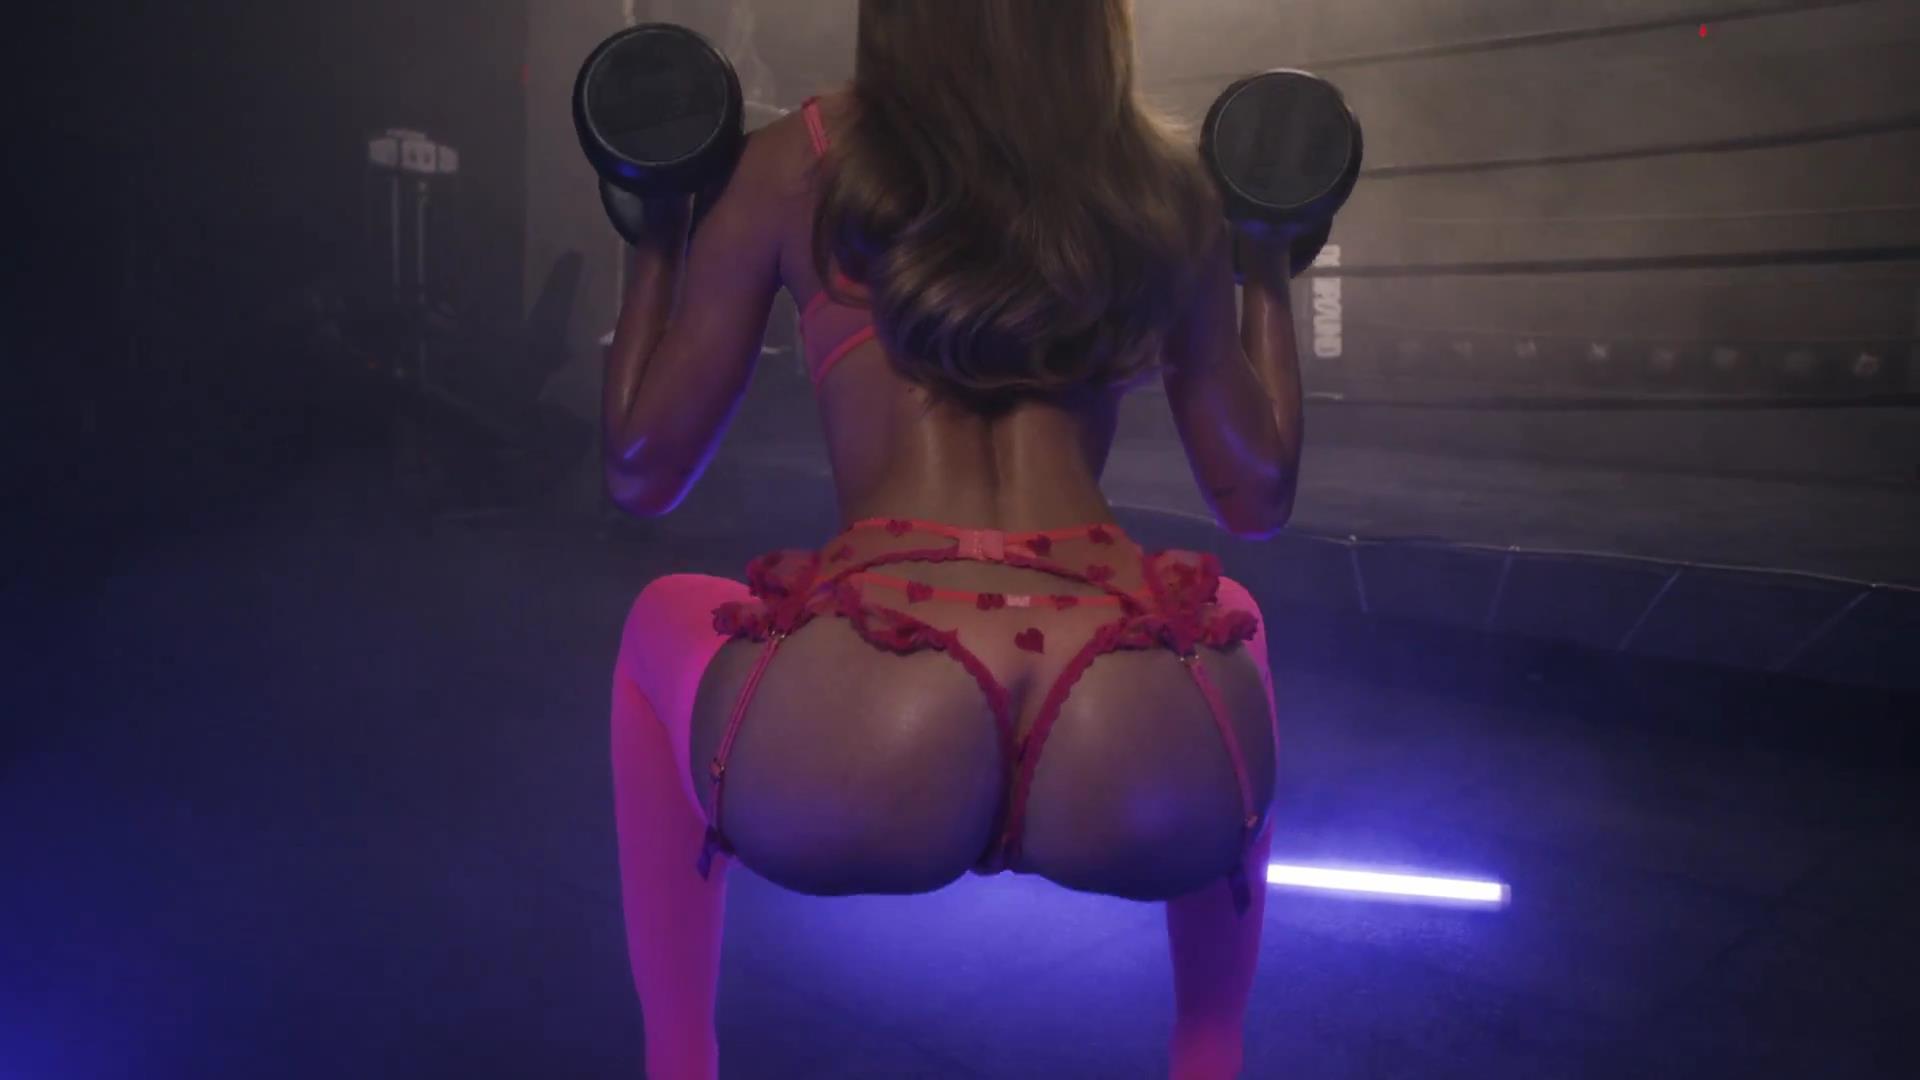 Alexis Ren fotos desnuda hackeadas